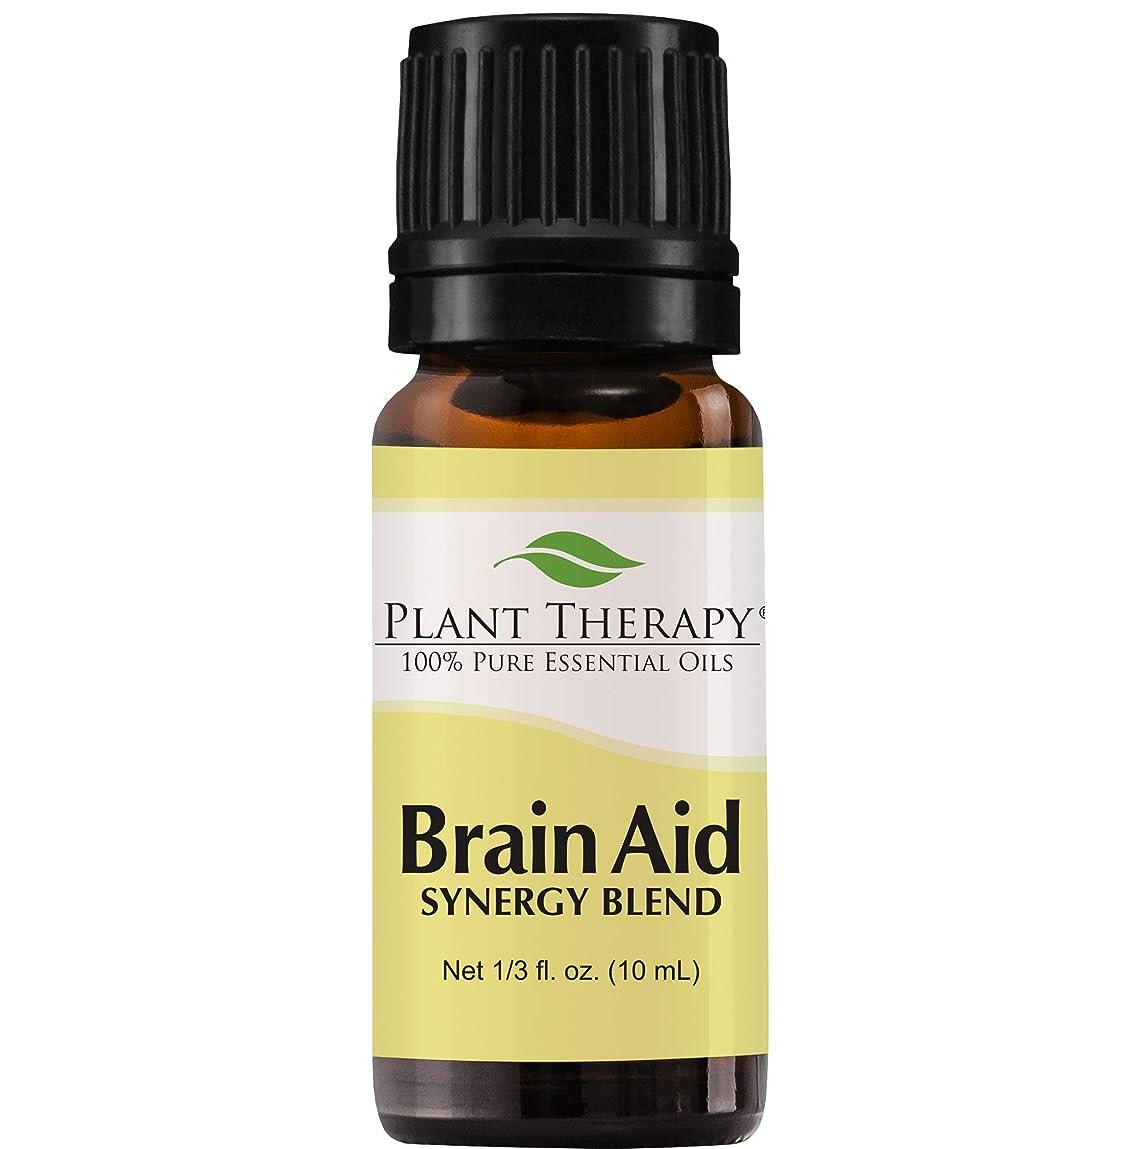 ピストンメロンおばさん脳援助シナジー(精神的な焦点と明確にするため)。エッセンシャルオイルブレンド。 10ミリリットル(1/3オンス)。 100%ピュア、希釈していない、治療グレード。